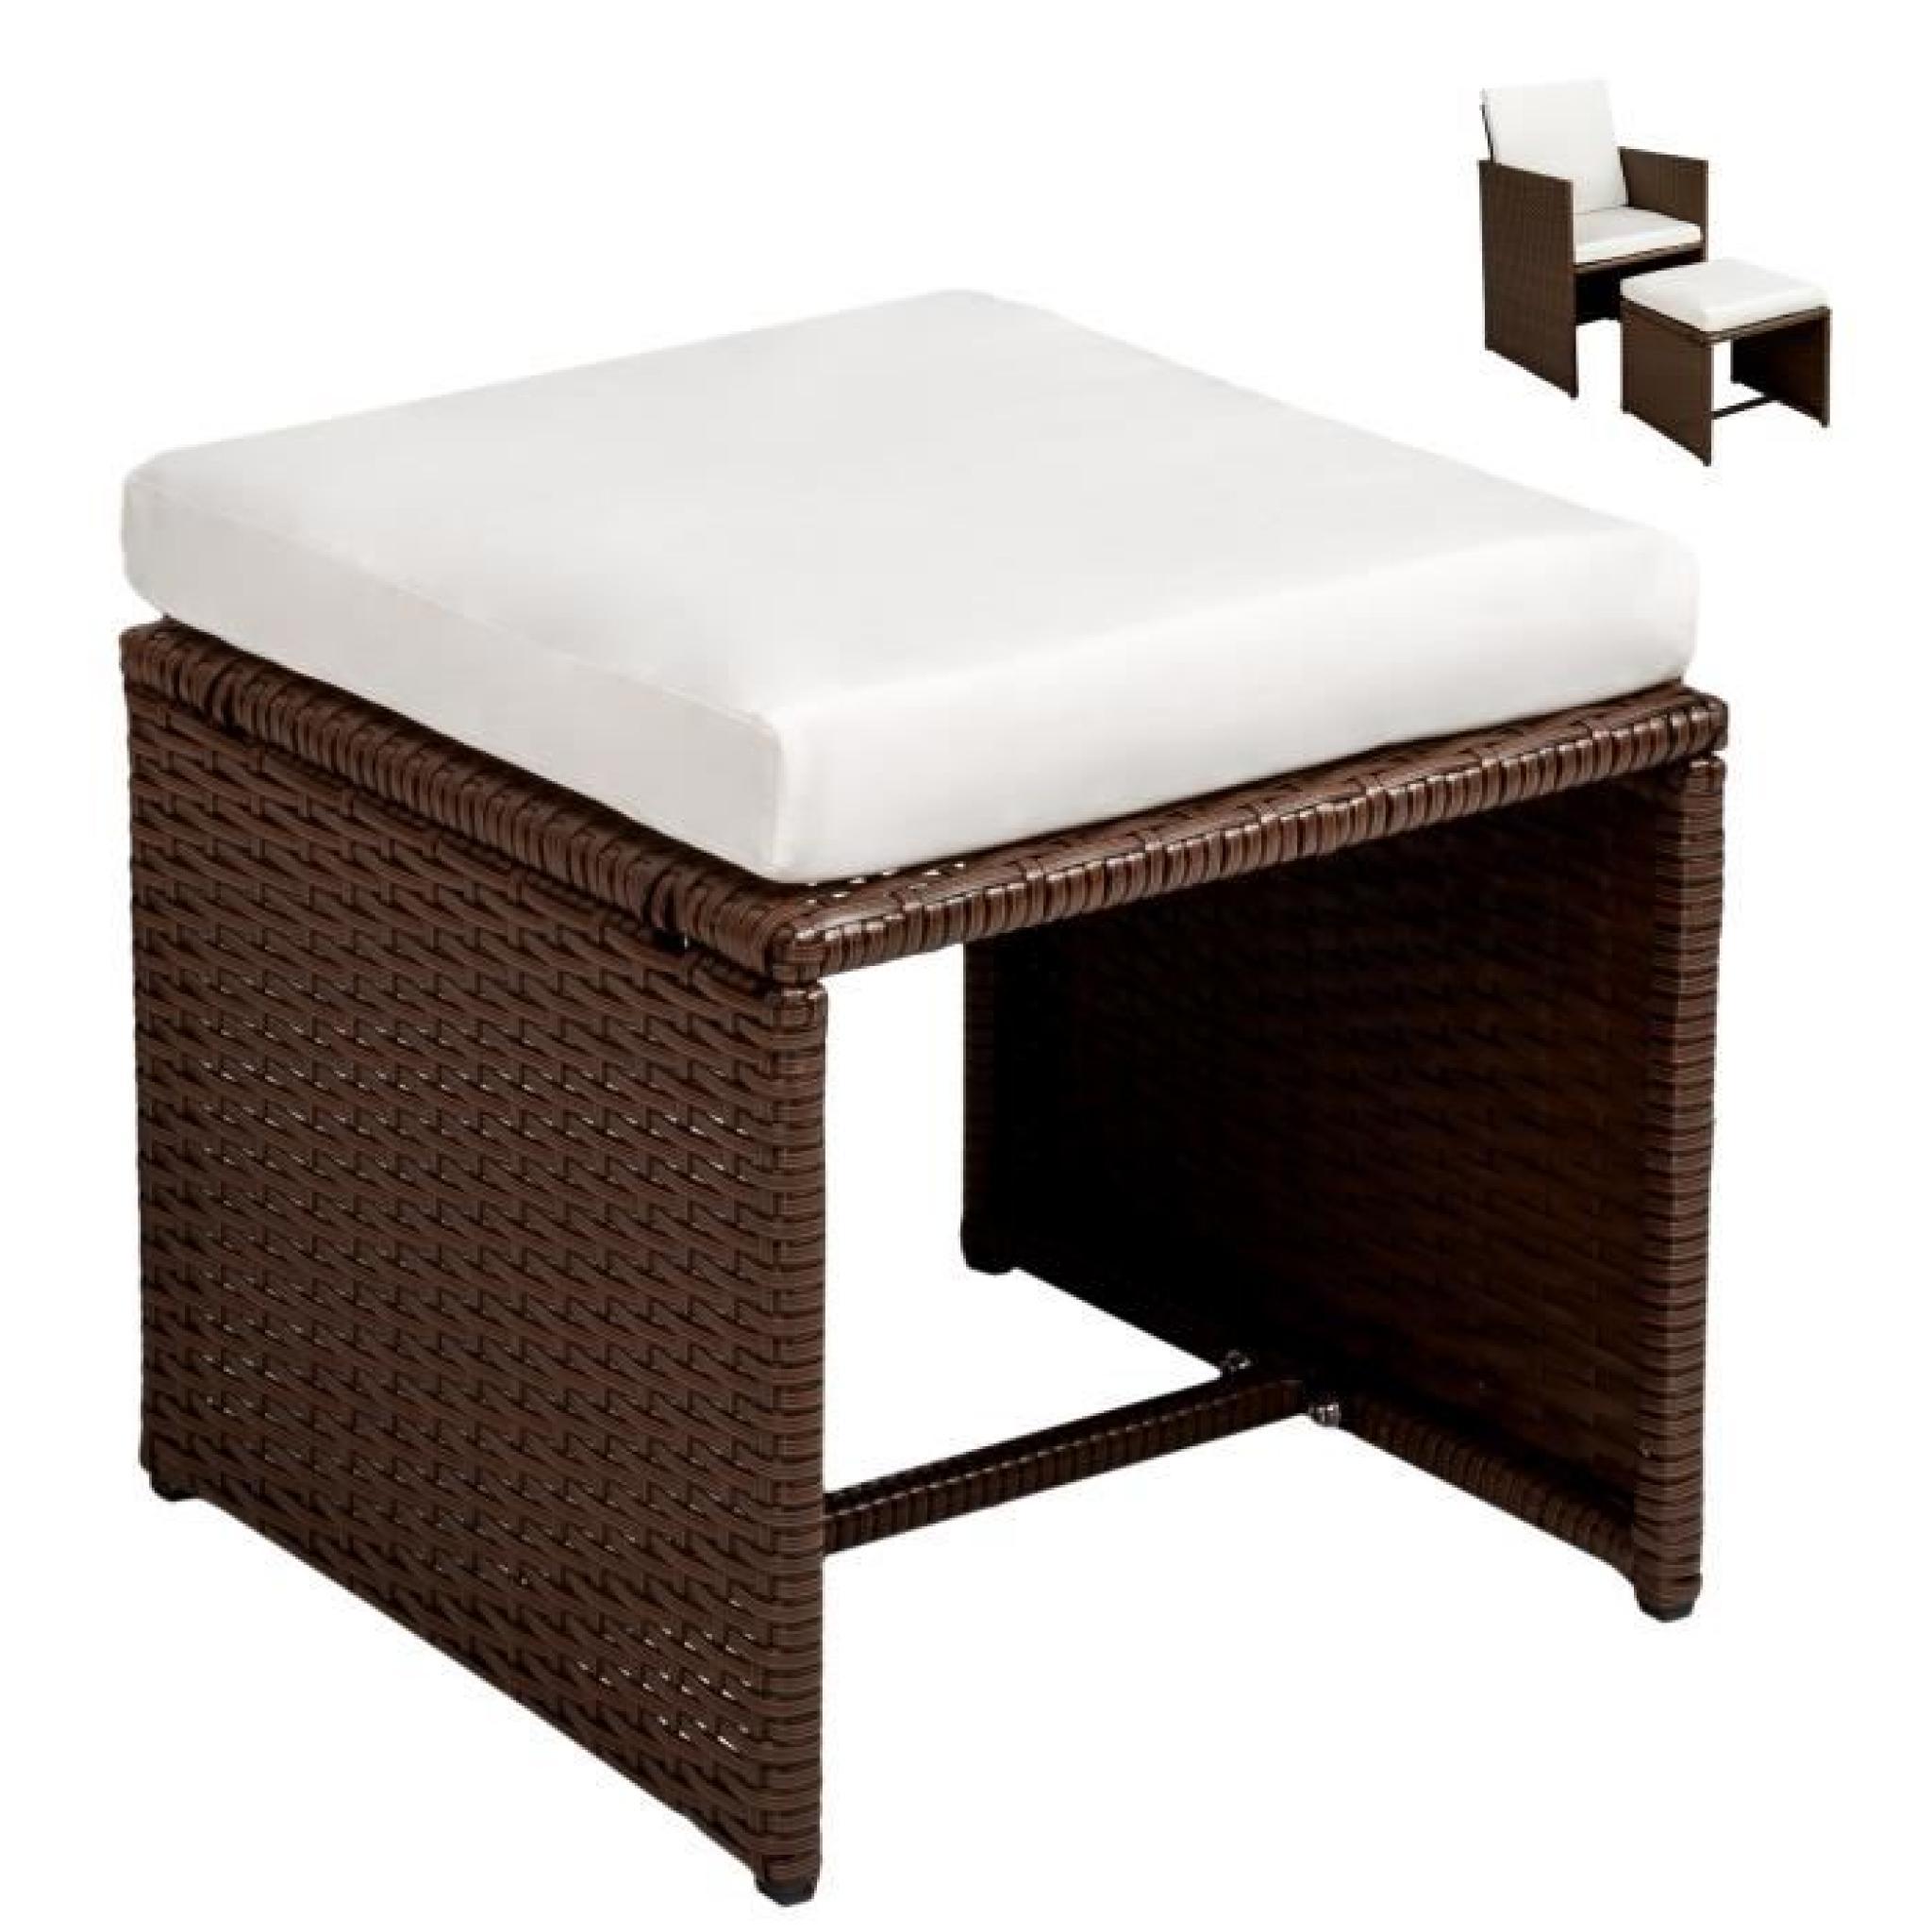 Salon de jardin ensemble avec 4 chaises 4 tables et 1 table en r sine tress e acier marron for Ensemble salon de jardin pas cher